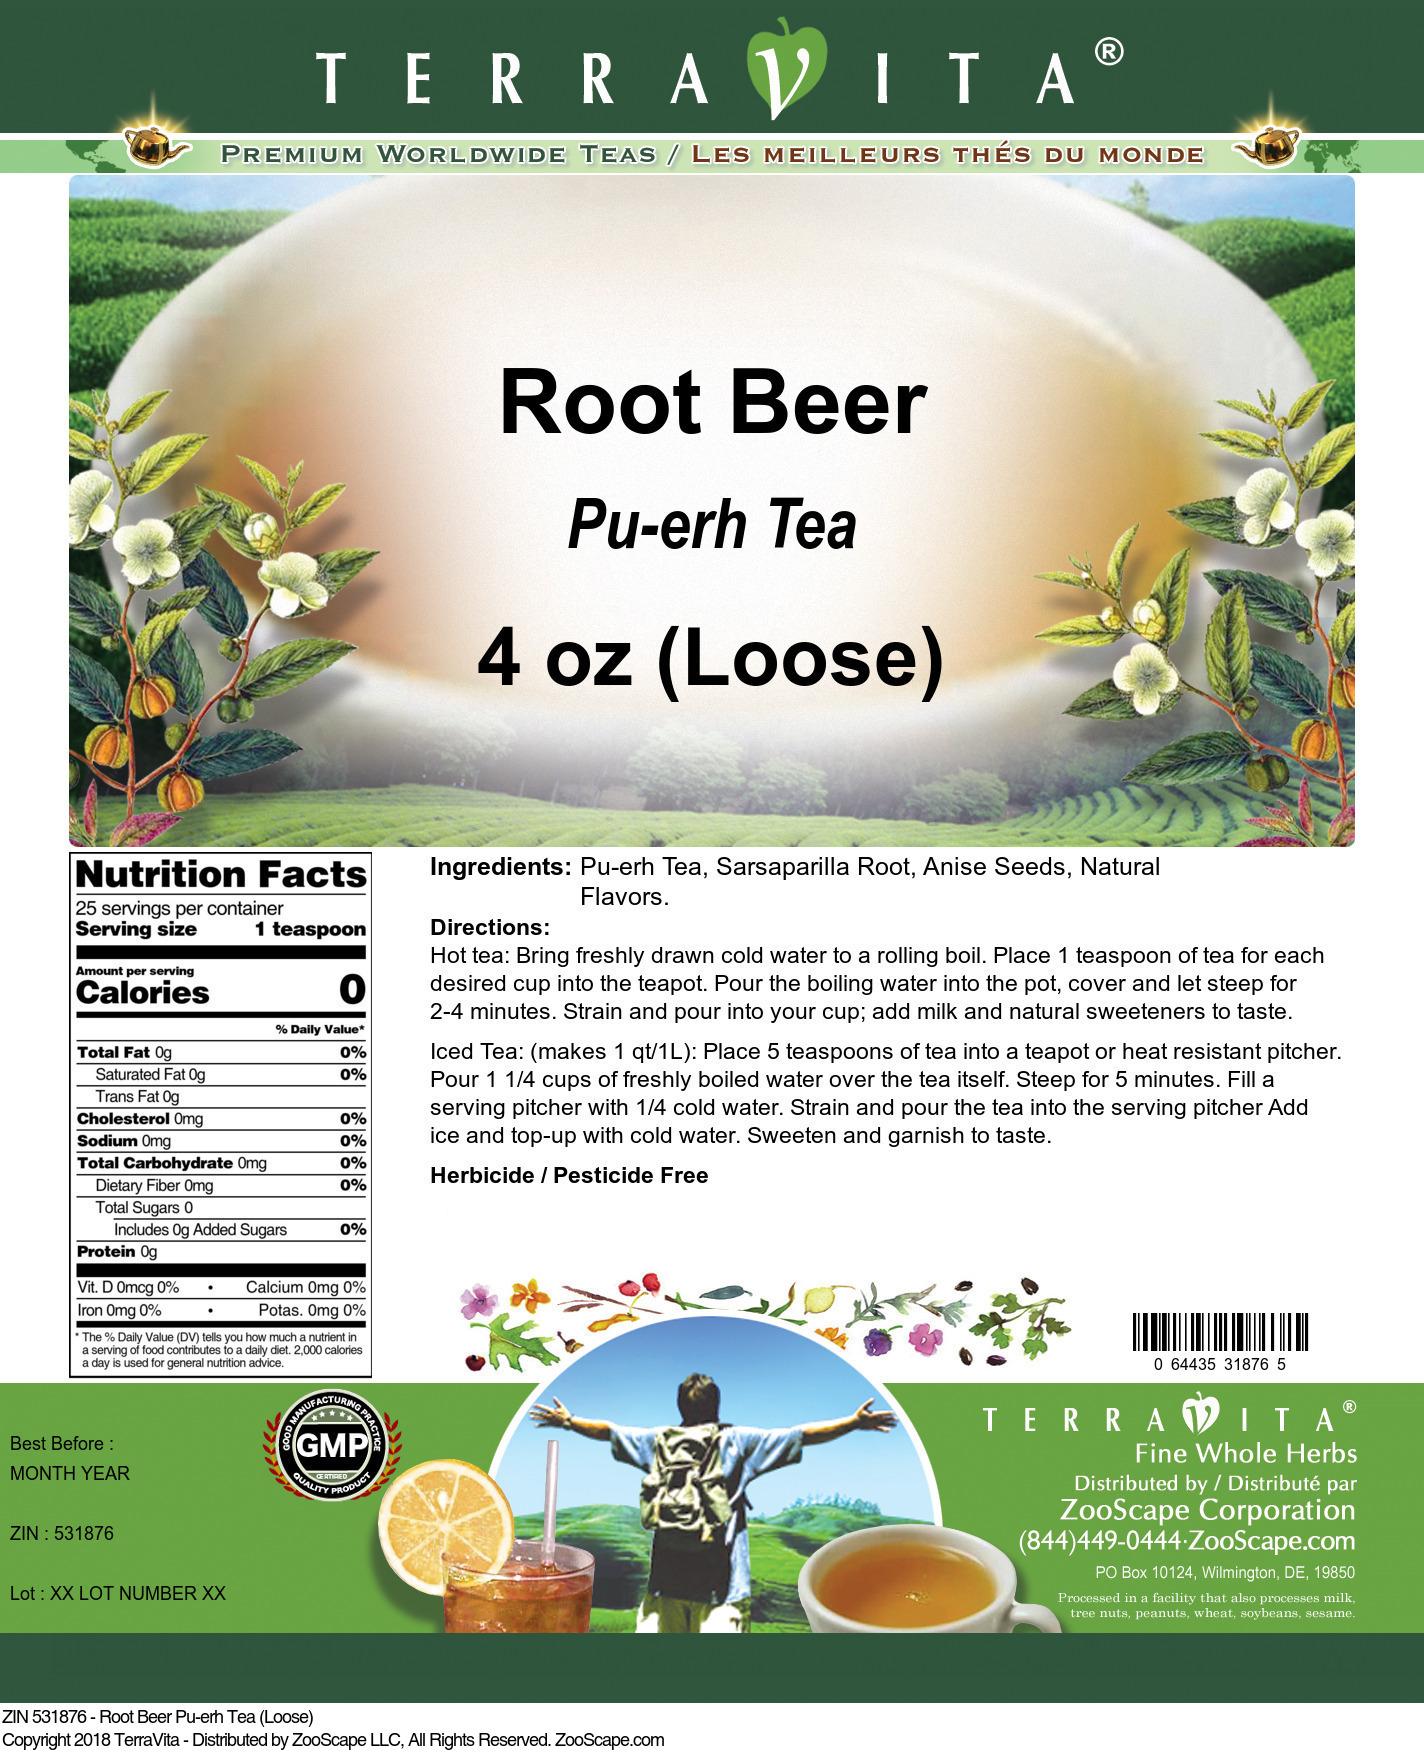 Root Beer Pu-erh Tea